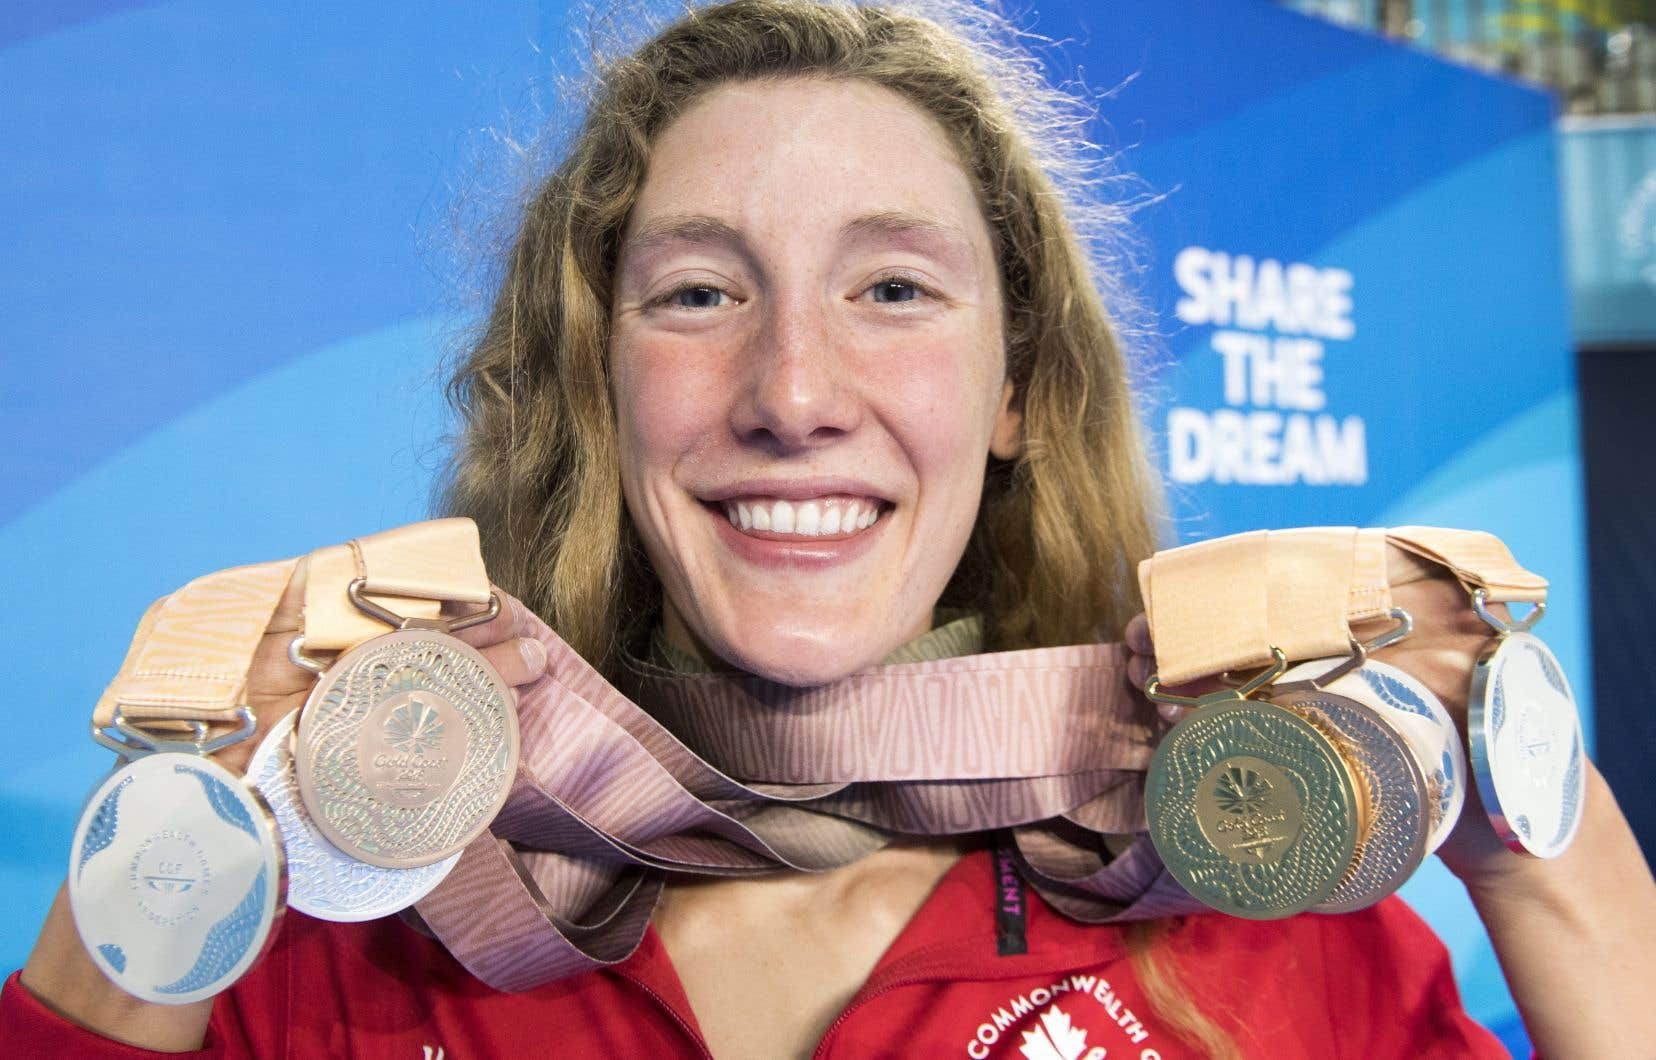 Ruck a remporté une médaille d'or, cinq d'argent et deux de bronze à la Gold Coast.